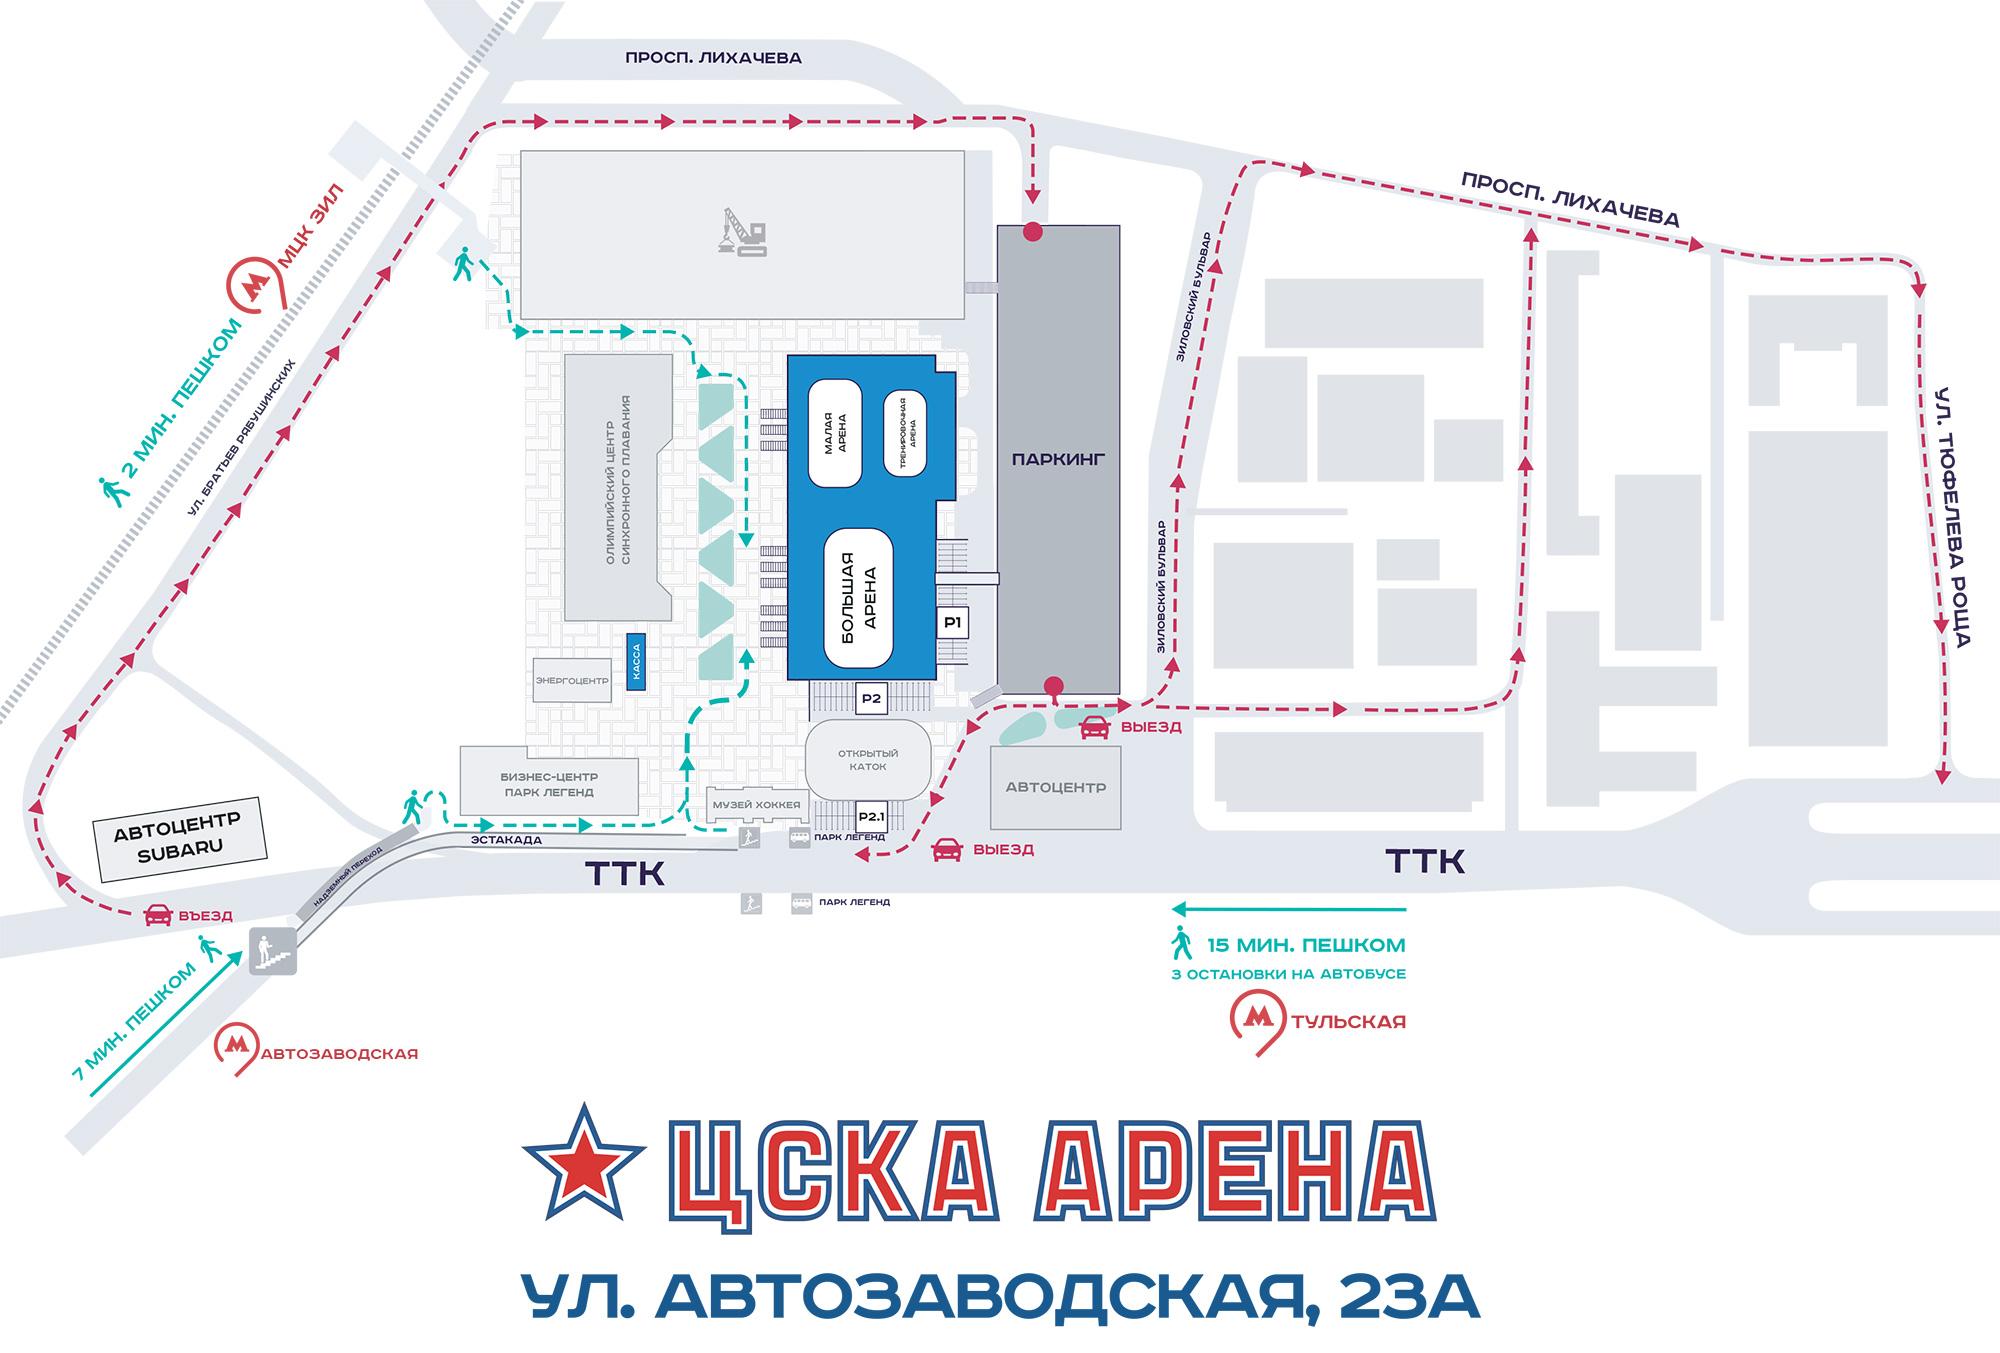 Схема ЦСКА Арена